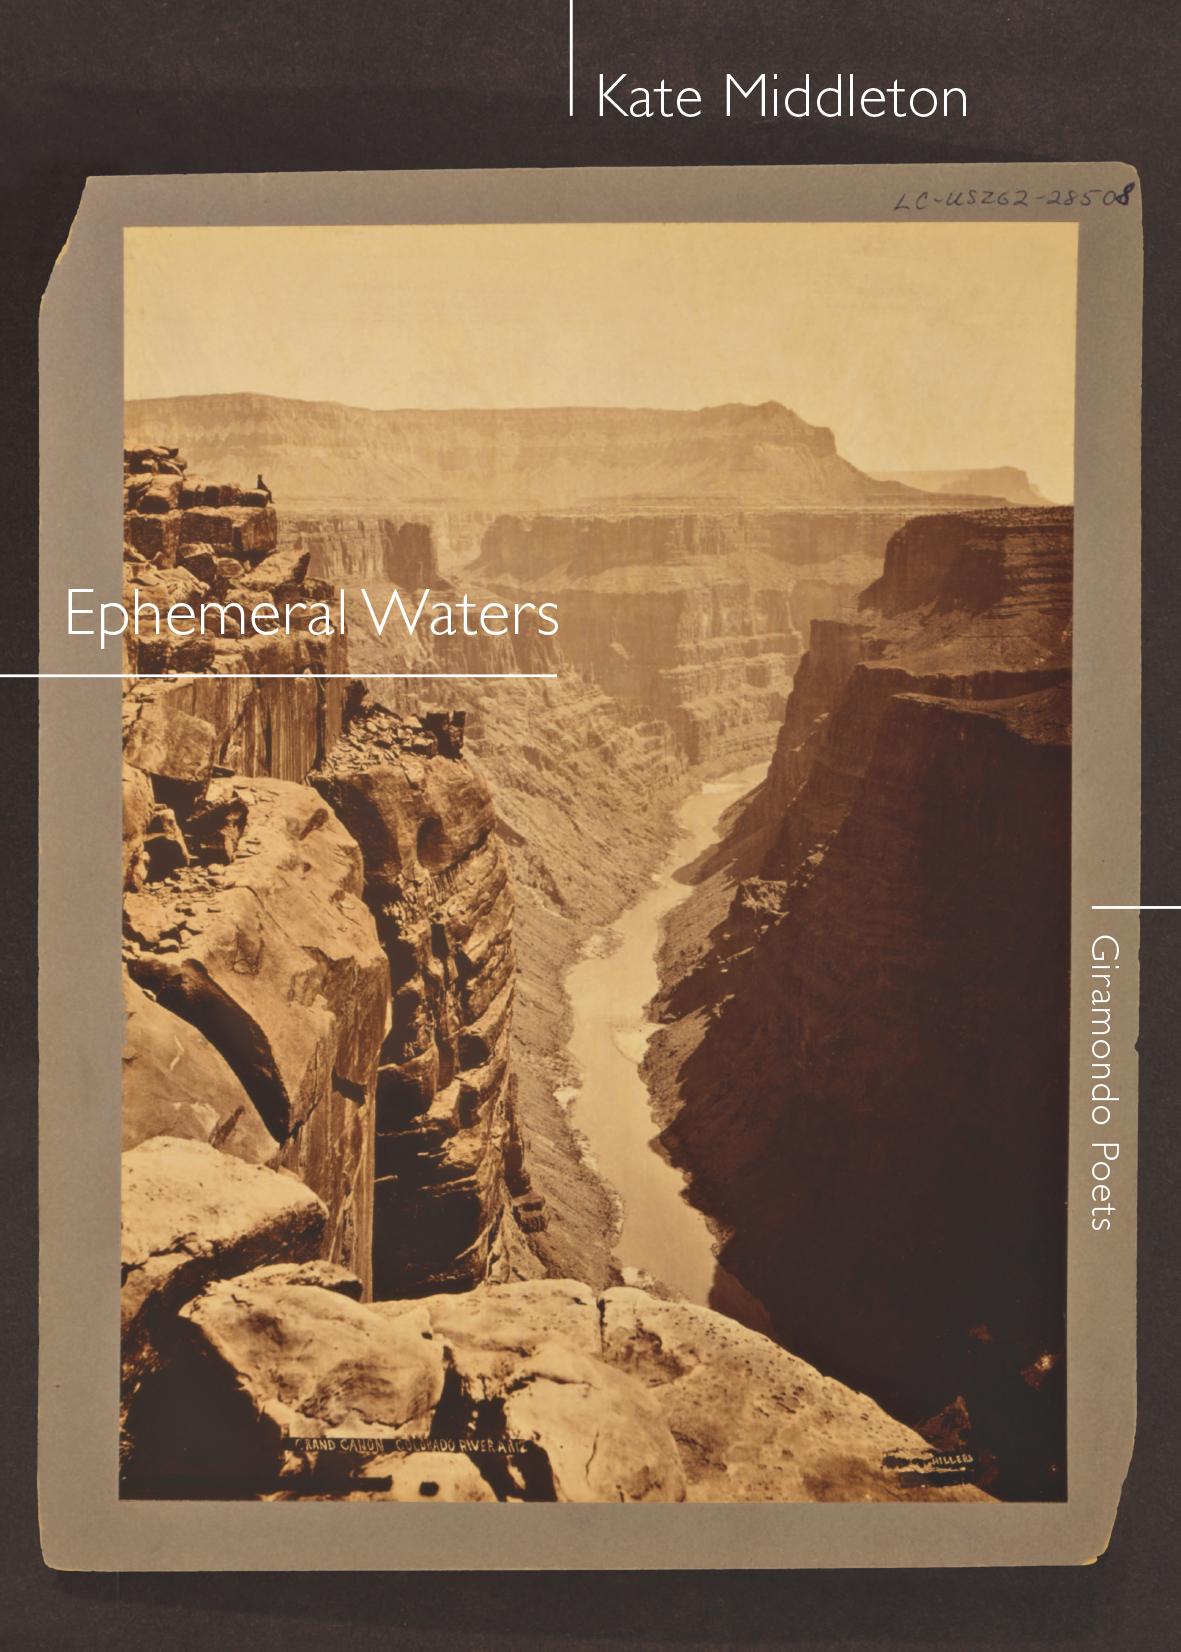 Ephemeral Waters